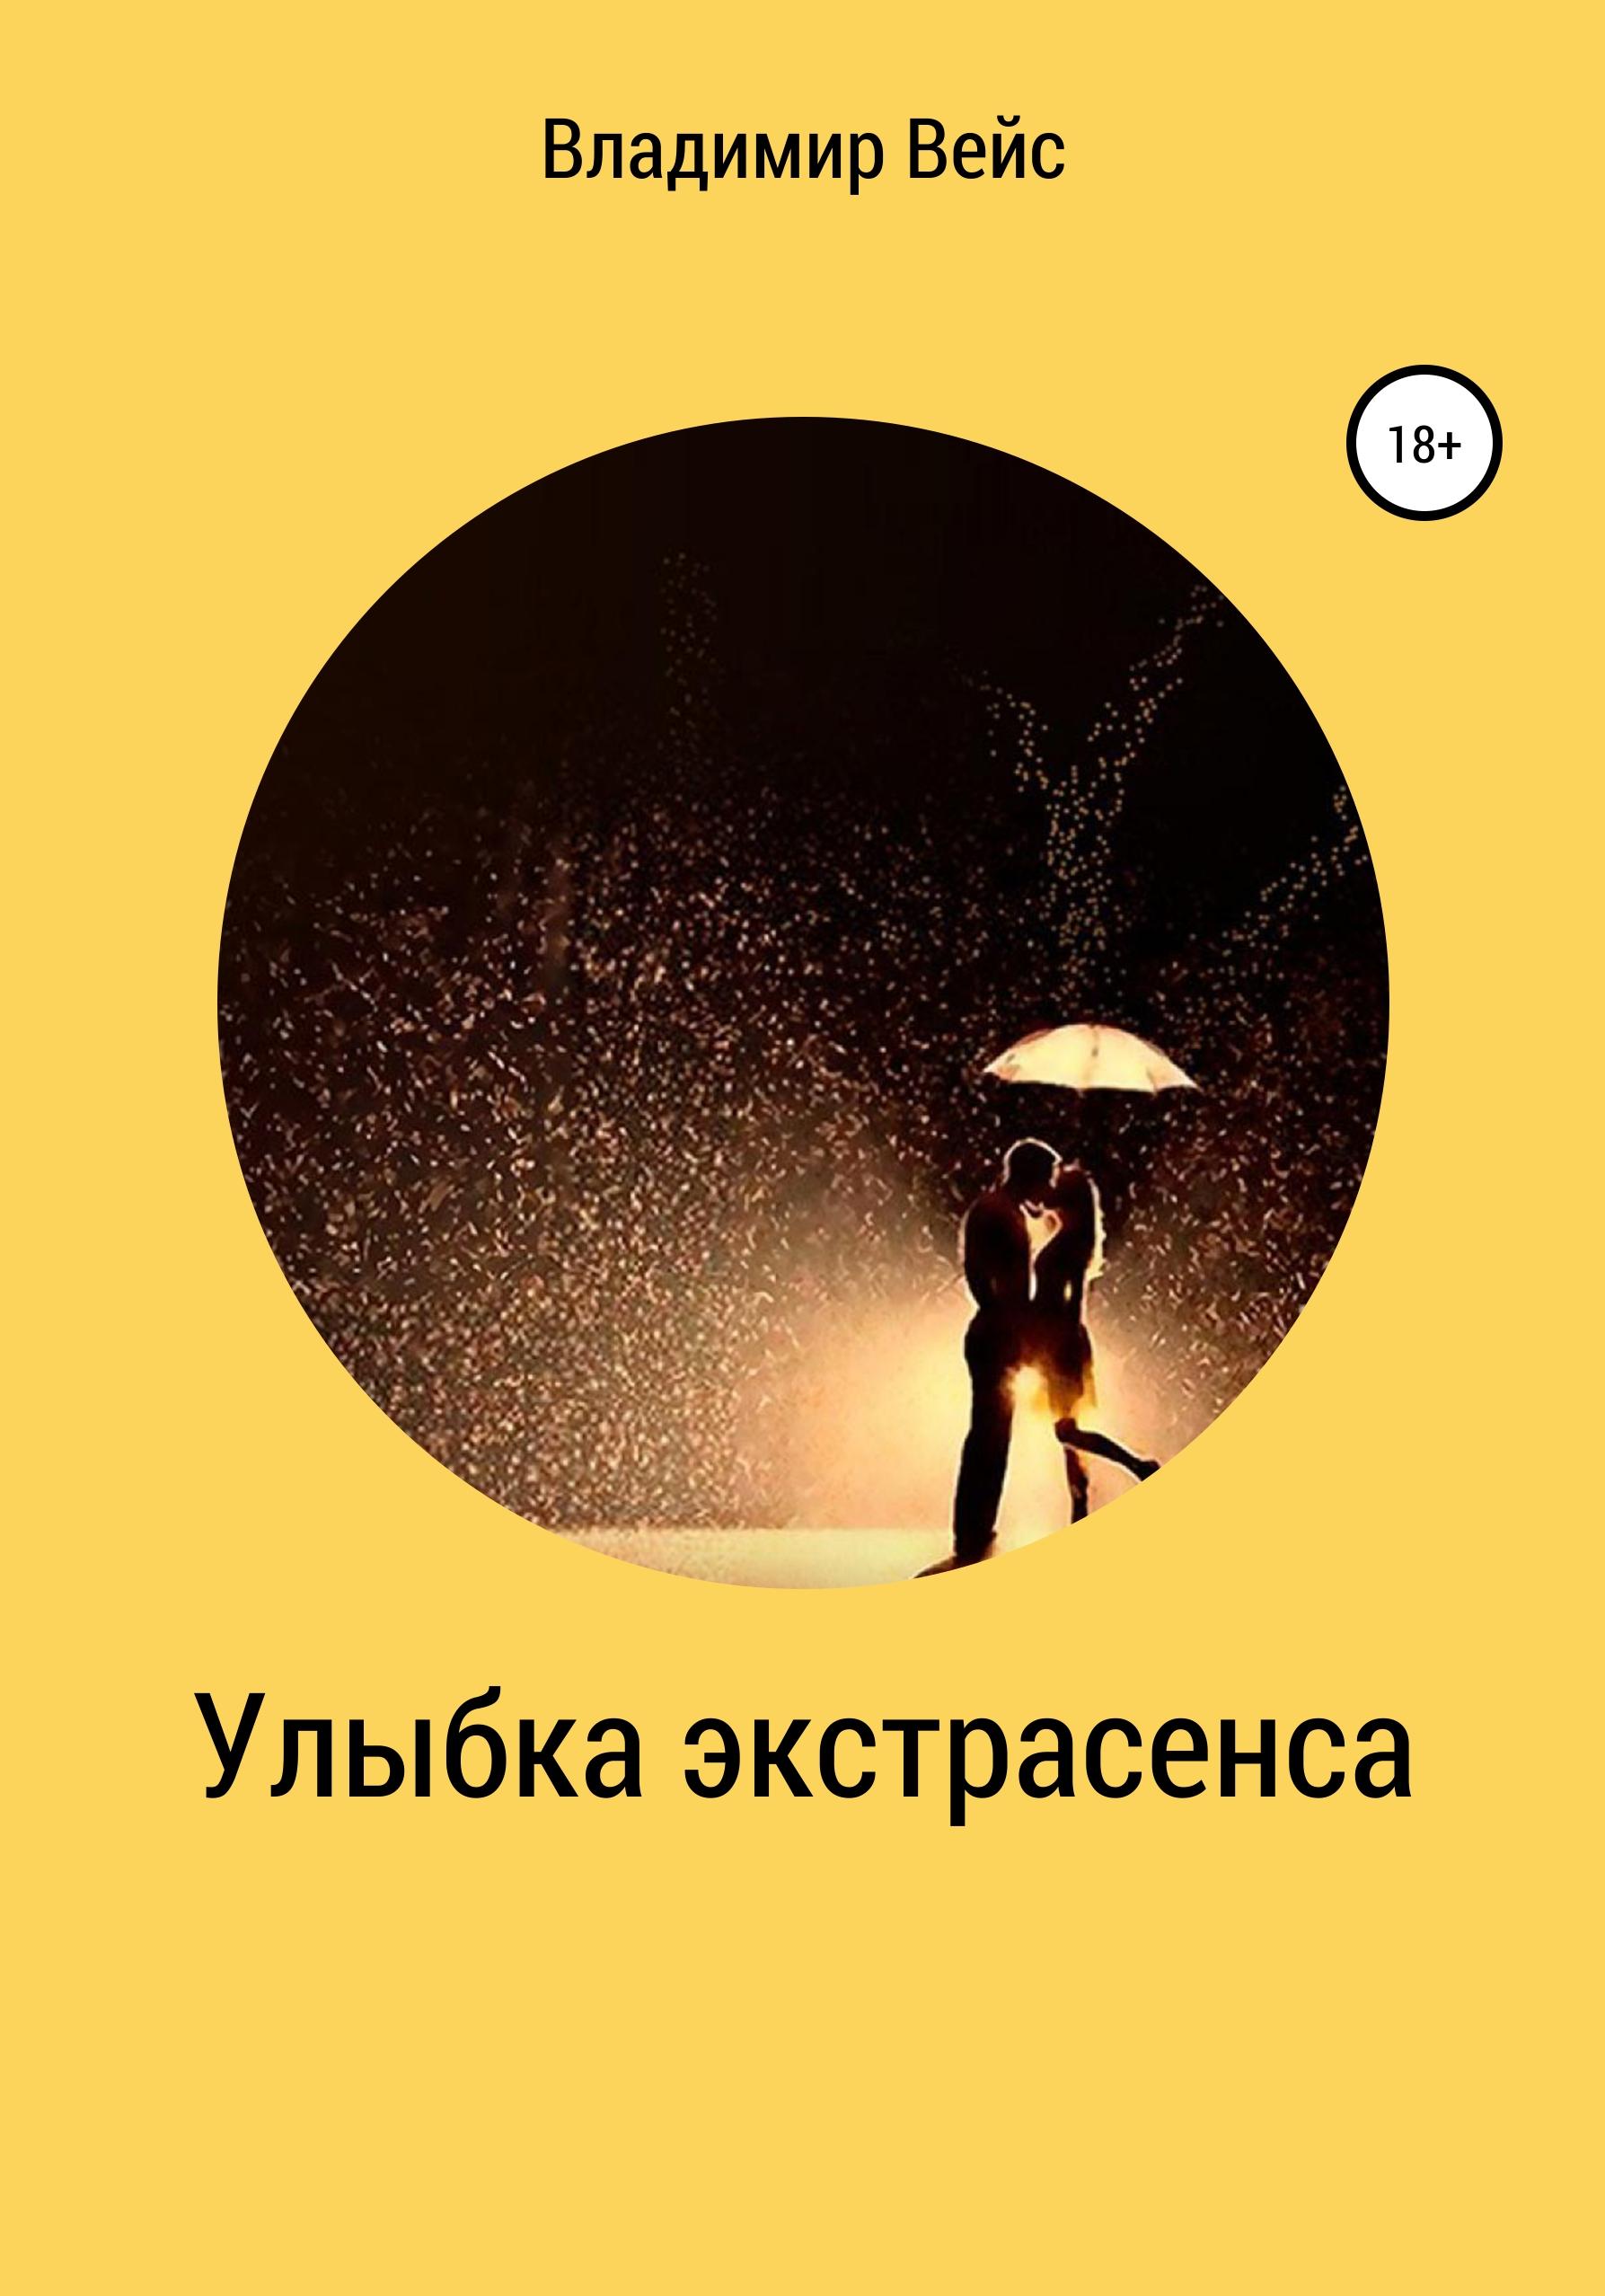 Купить книгу Улыбка экстрасенса, автора Владимира Вейса